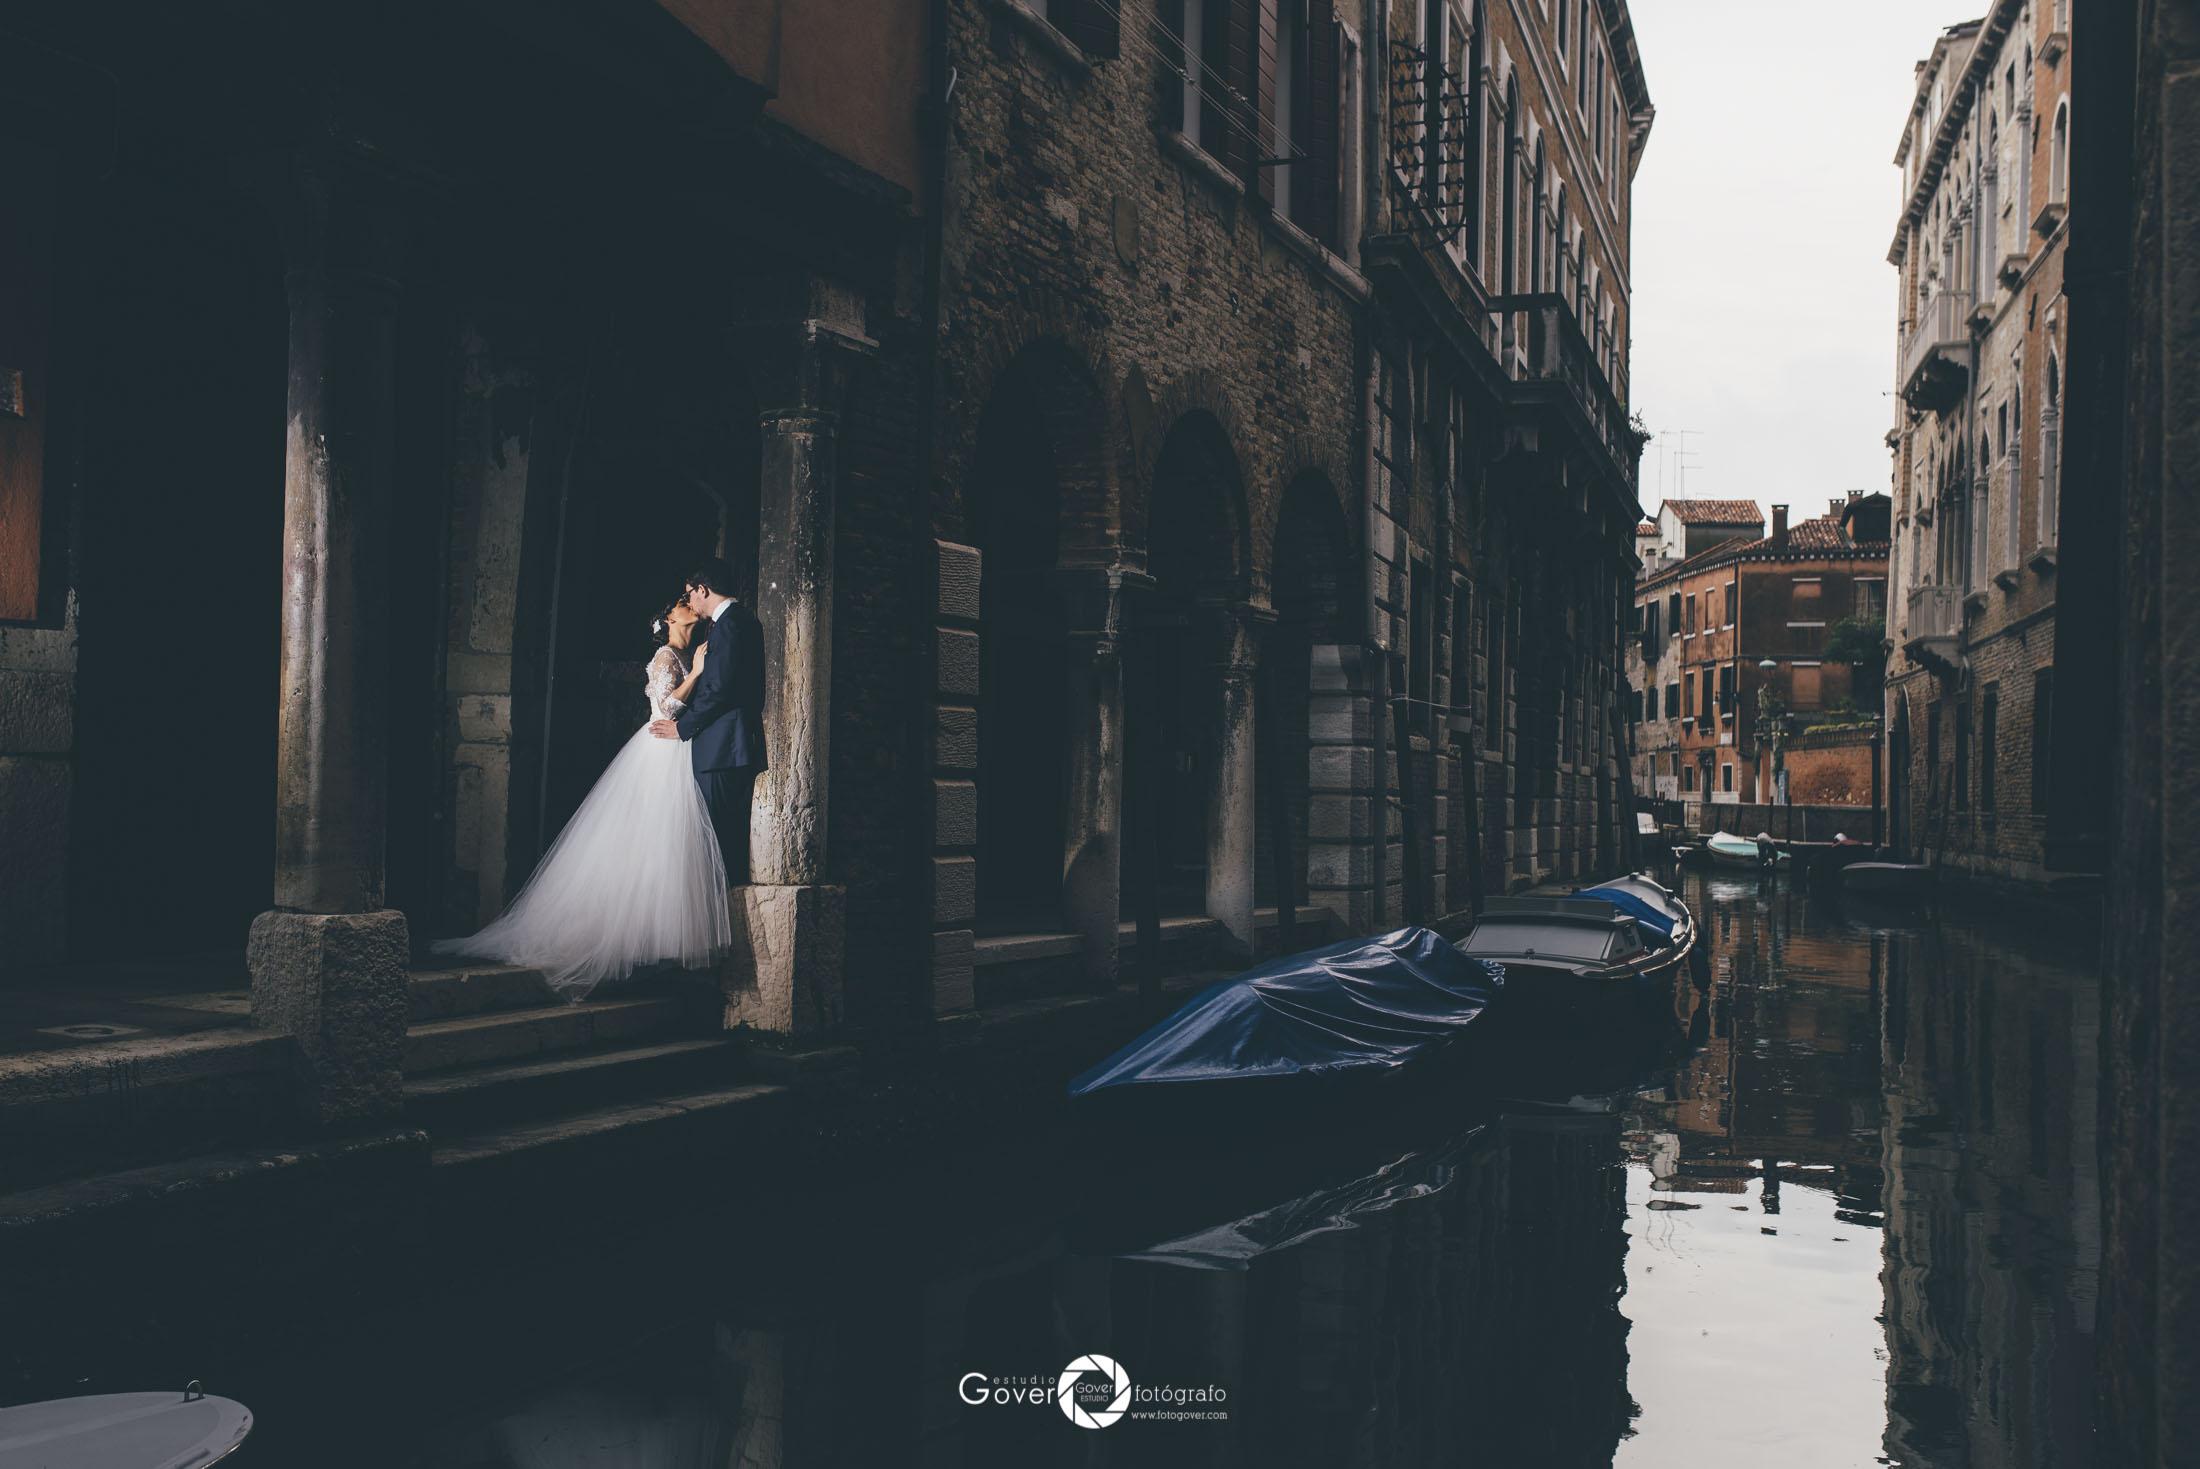 Fotografía de boda Gipuzkoa - Estudio Gover